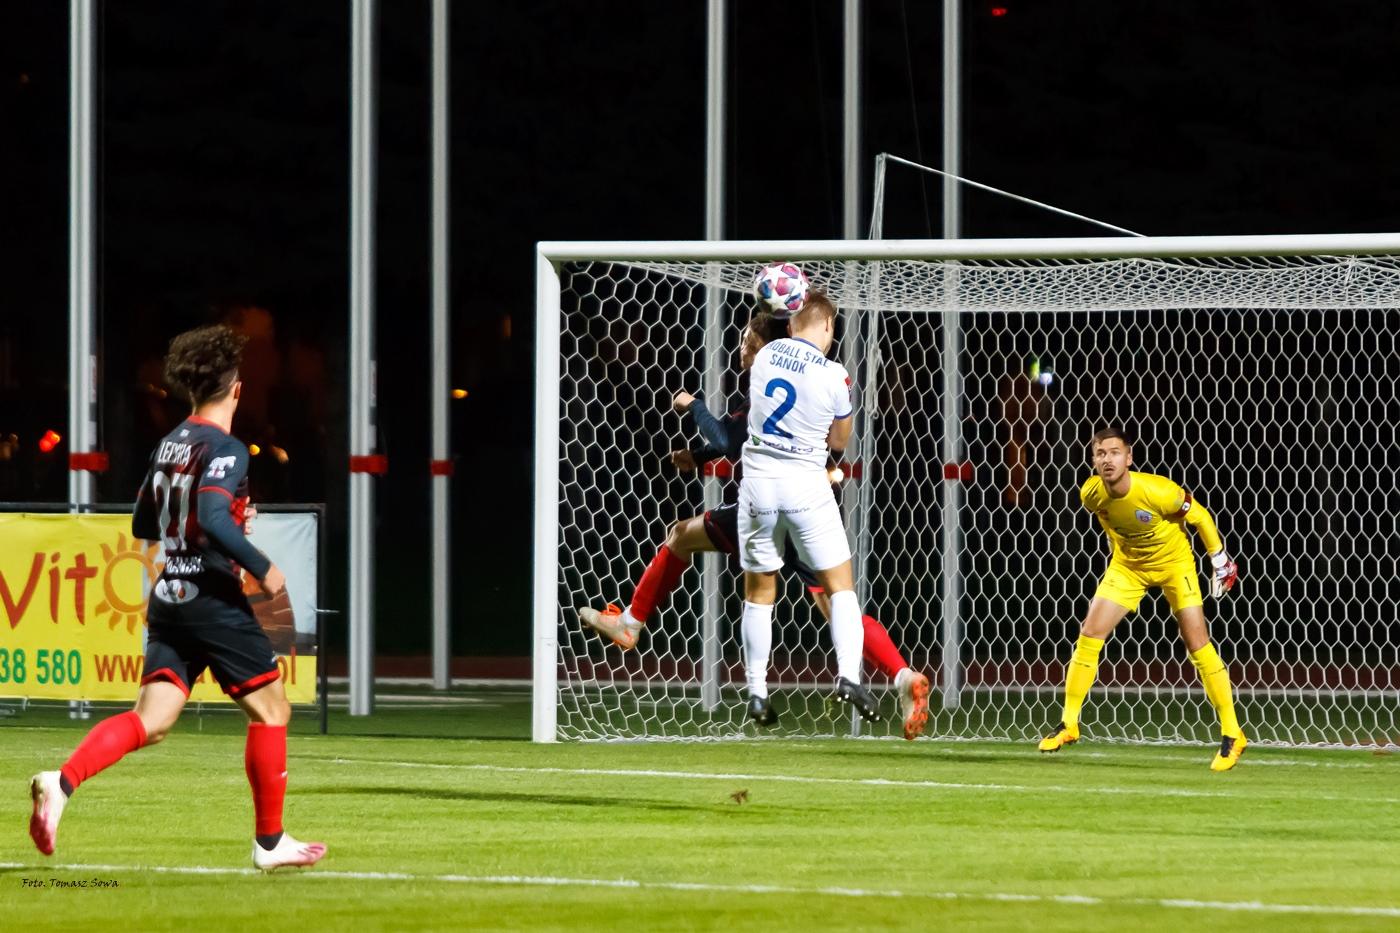 Ekoball sięga po drugie zwycięstwo z rzędu w IV lidze - Zdjęcie główne